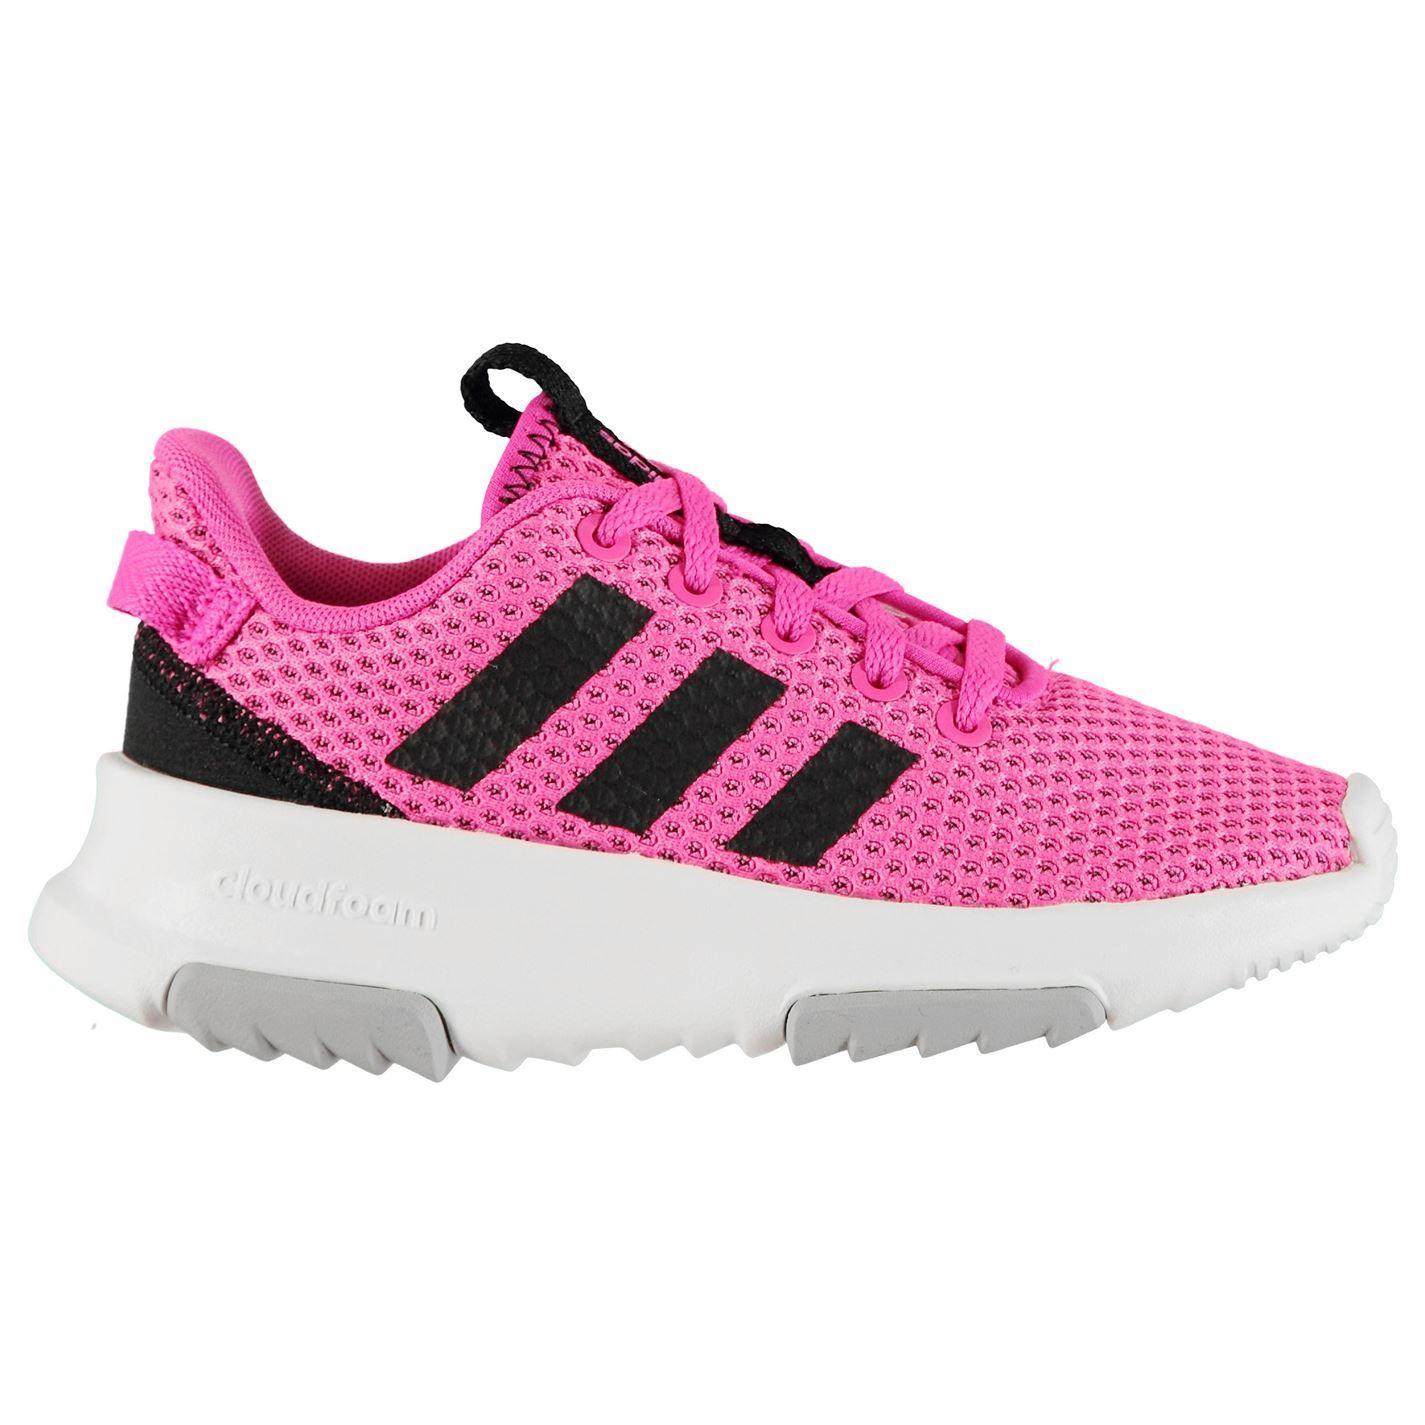 Détails sur Adidas Cf Coureur Baskets Enfant Filles RoseNoirBlanc Chaussures